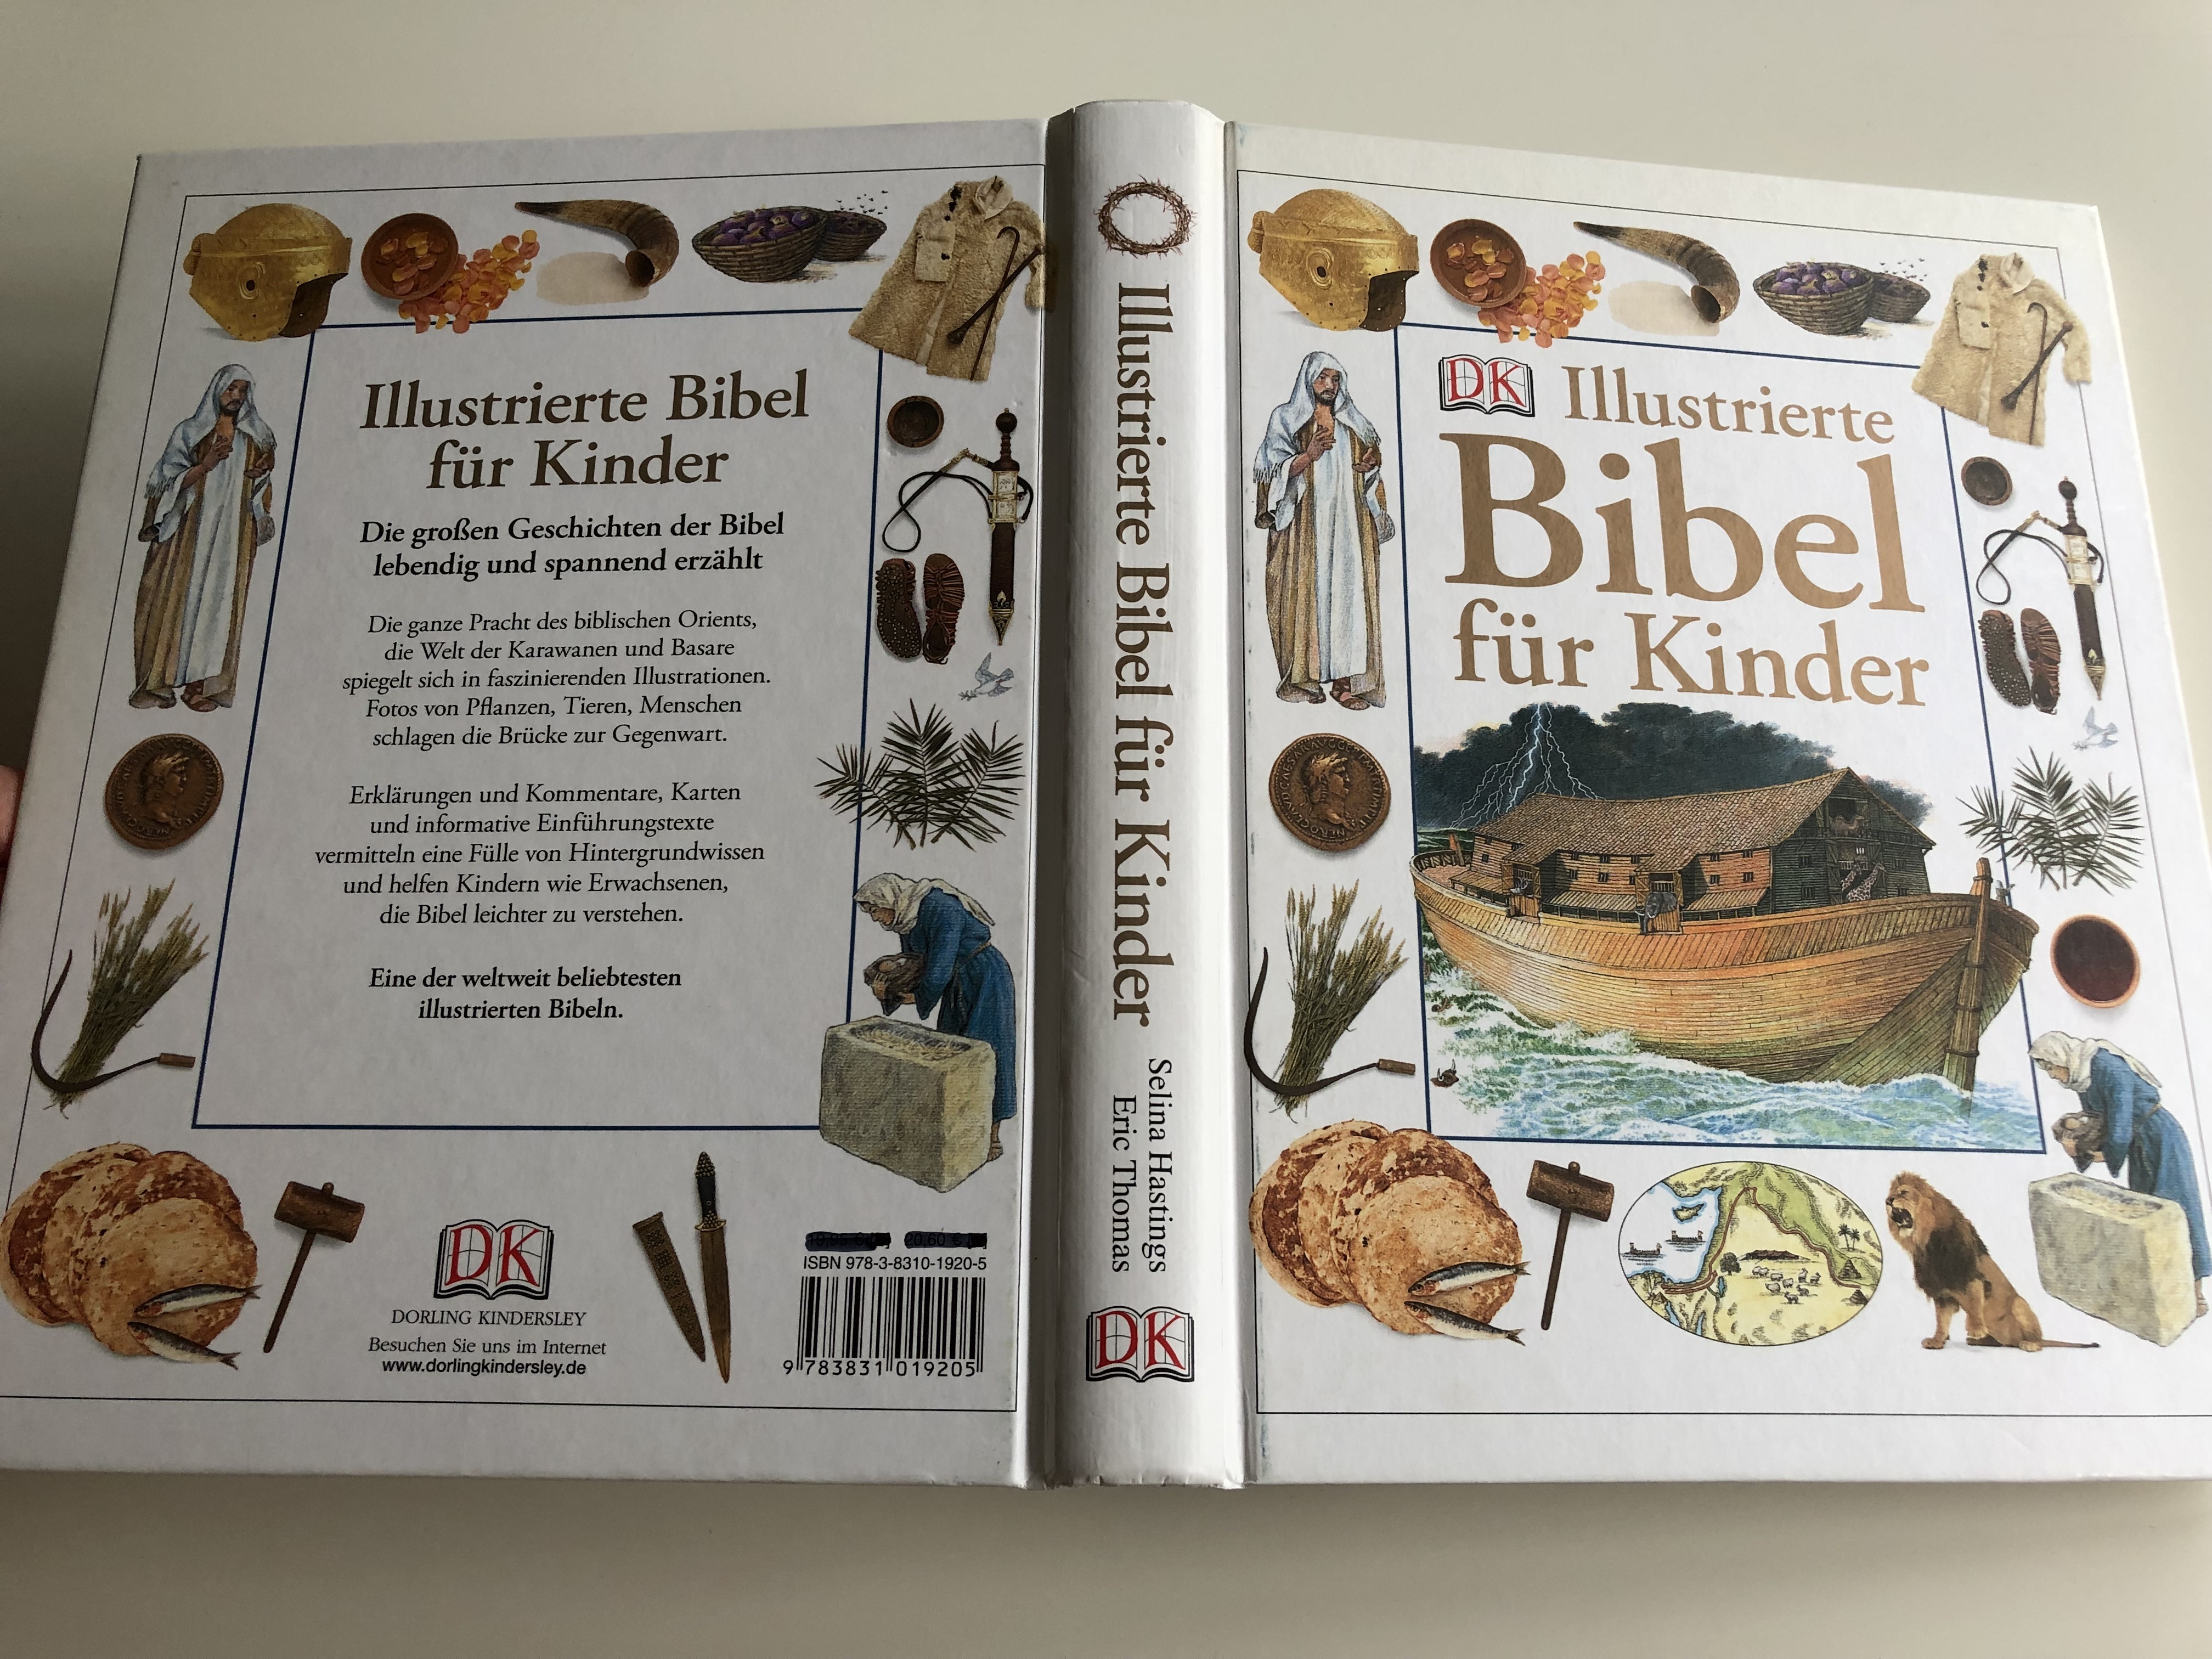 illustrierte-bibel-f-r-kinder-by-selina-hastings-german-translation-of-the-children-s-illustrated-bible-color-illustrations-maps-and-photos-dorling-kindersley-20-.jpg